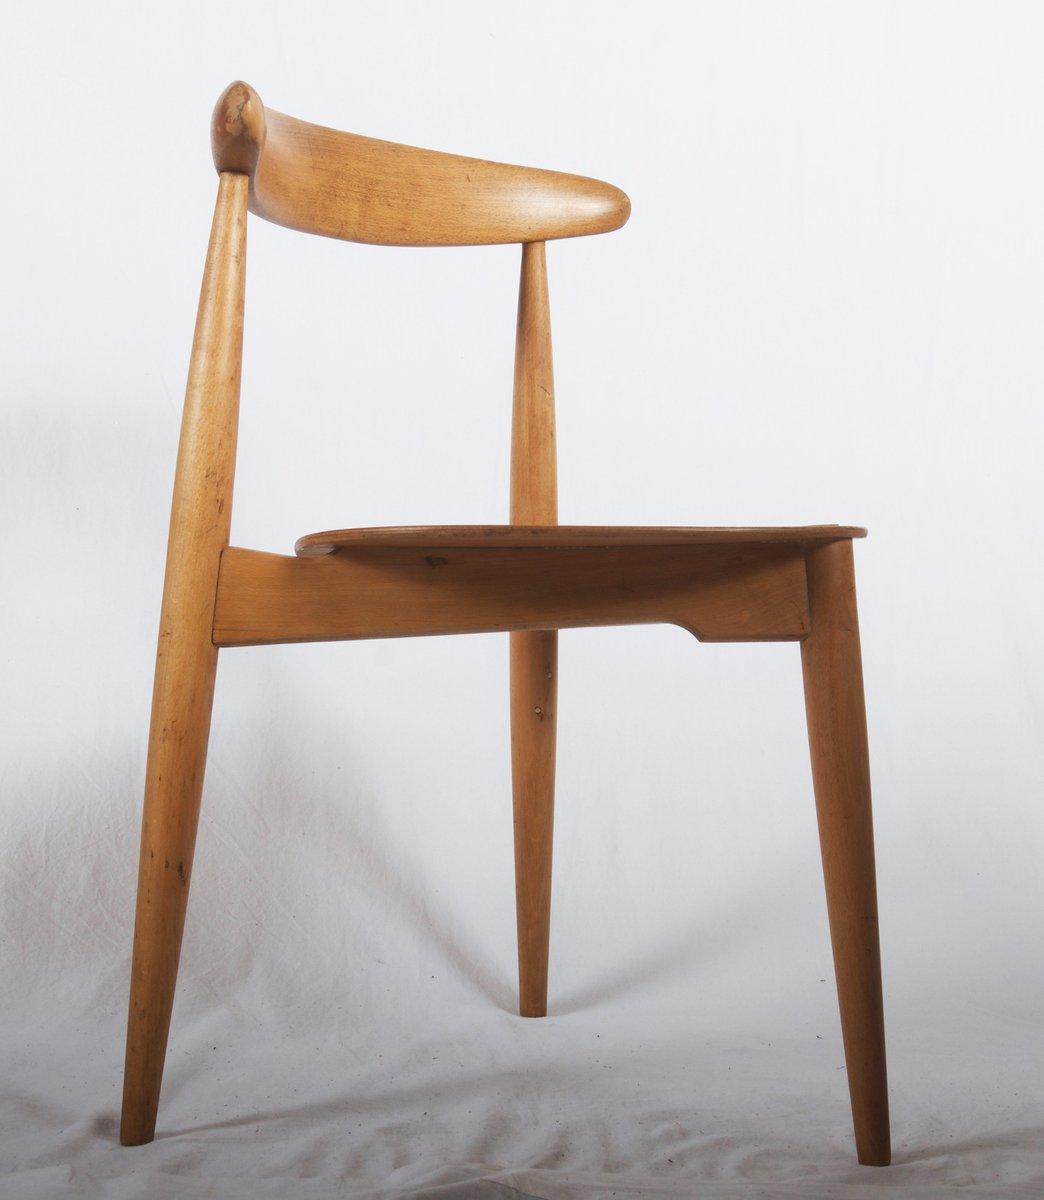 modell fh 4103 stuhl von hans j wegner f r fritz hansen 1952 bei pamono kaufen. Black Bedroom Furniture Sets. Home Design Ideas